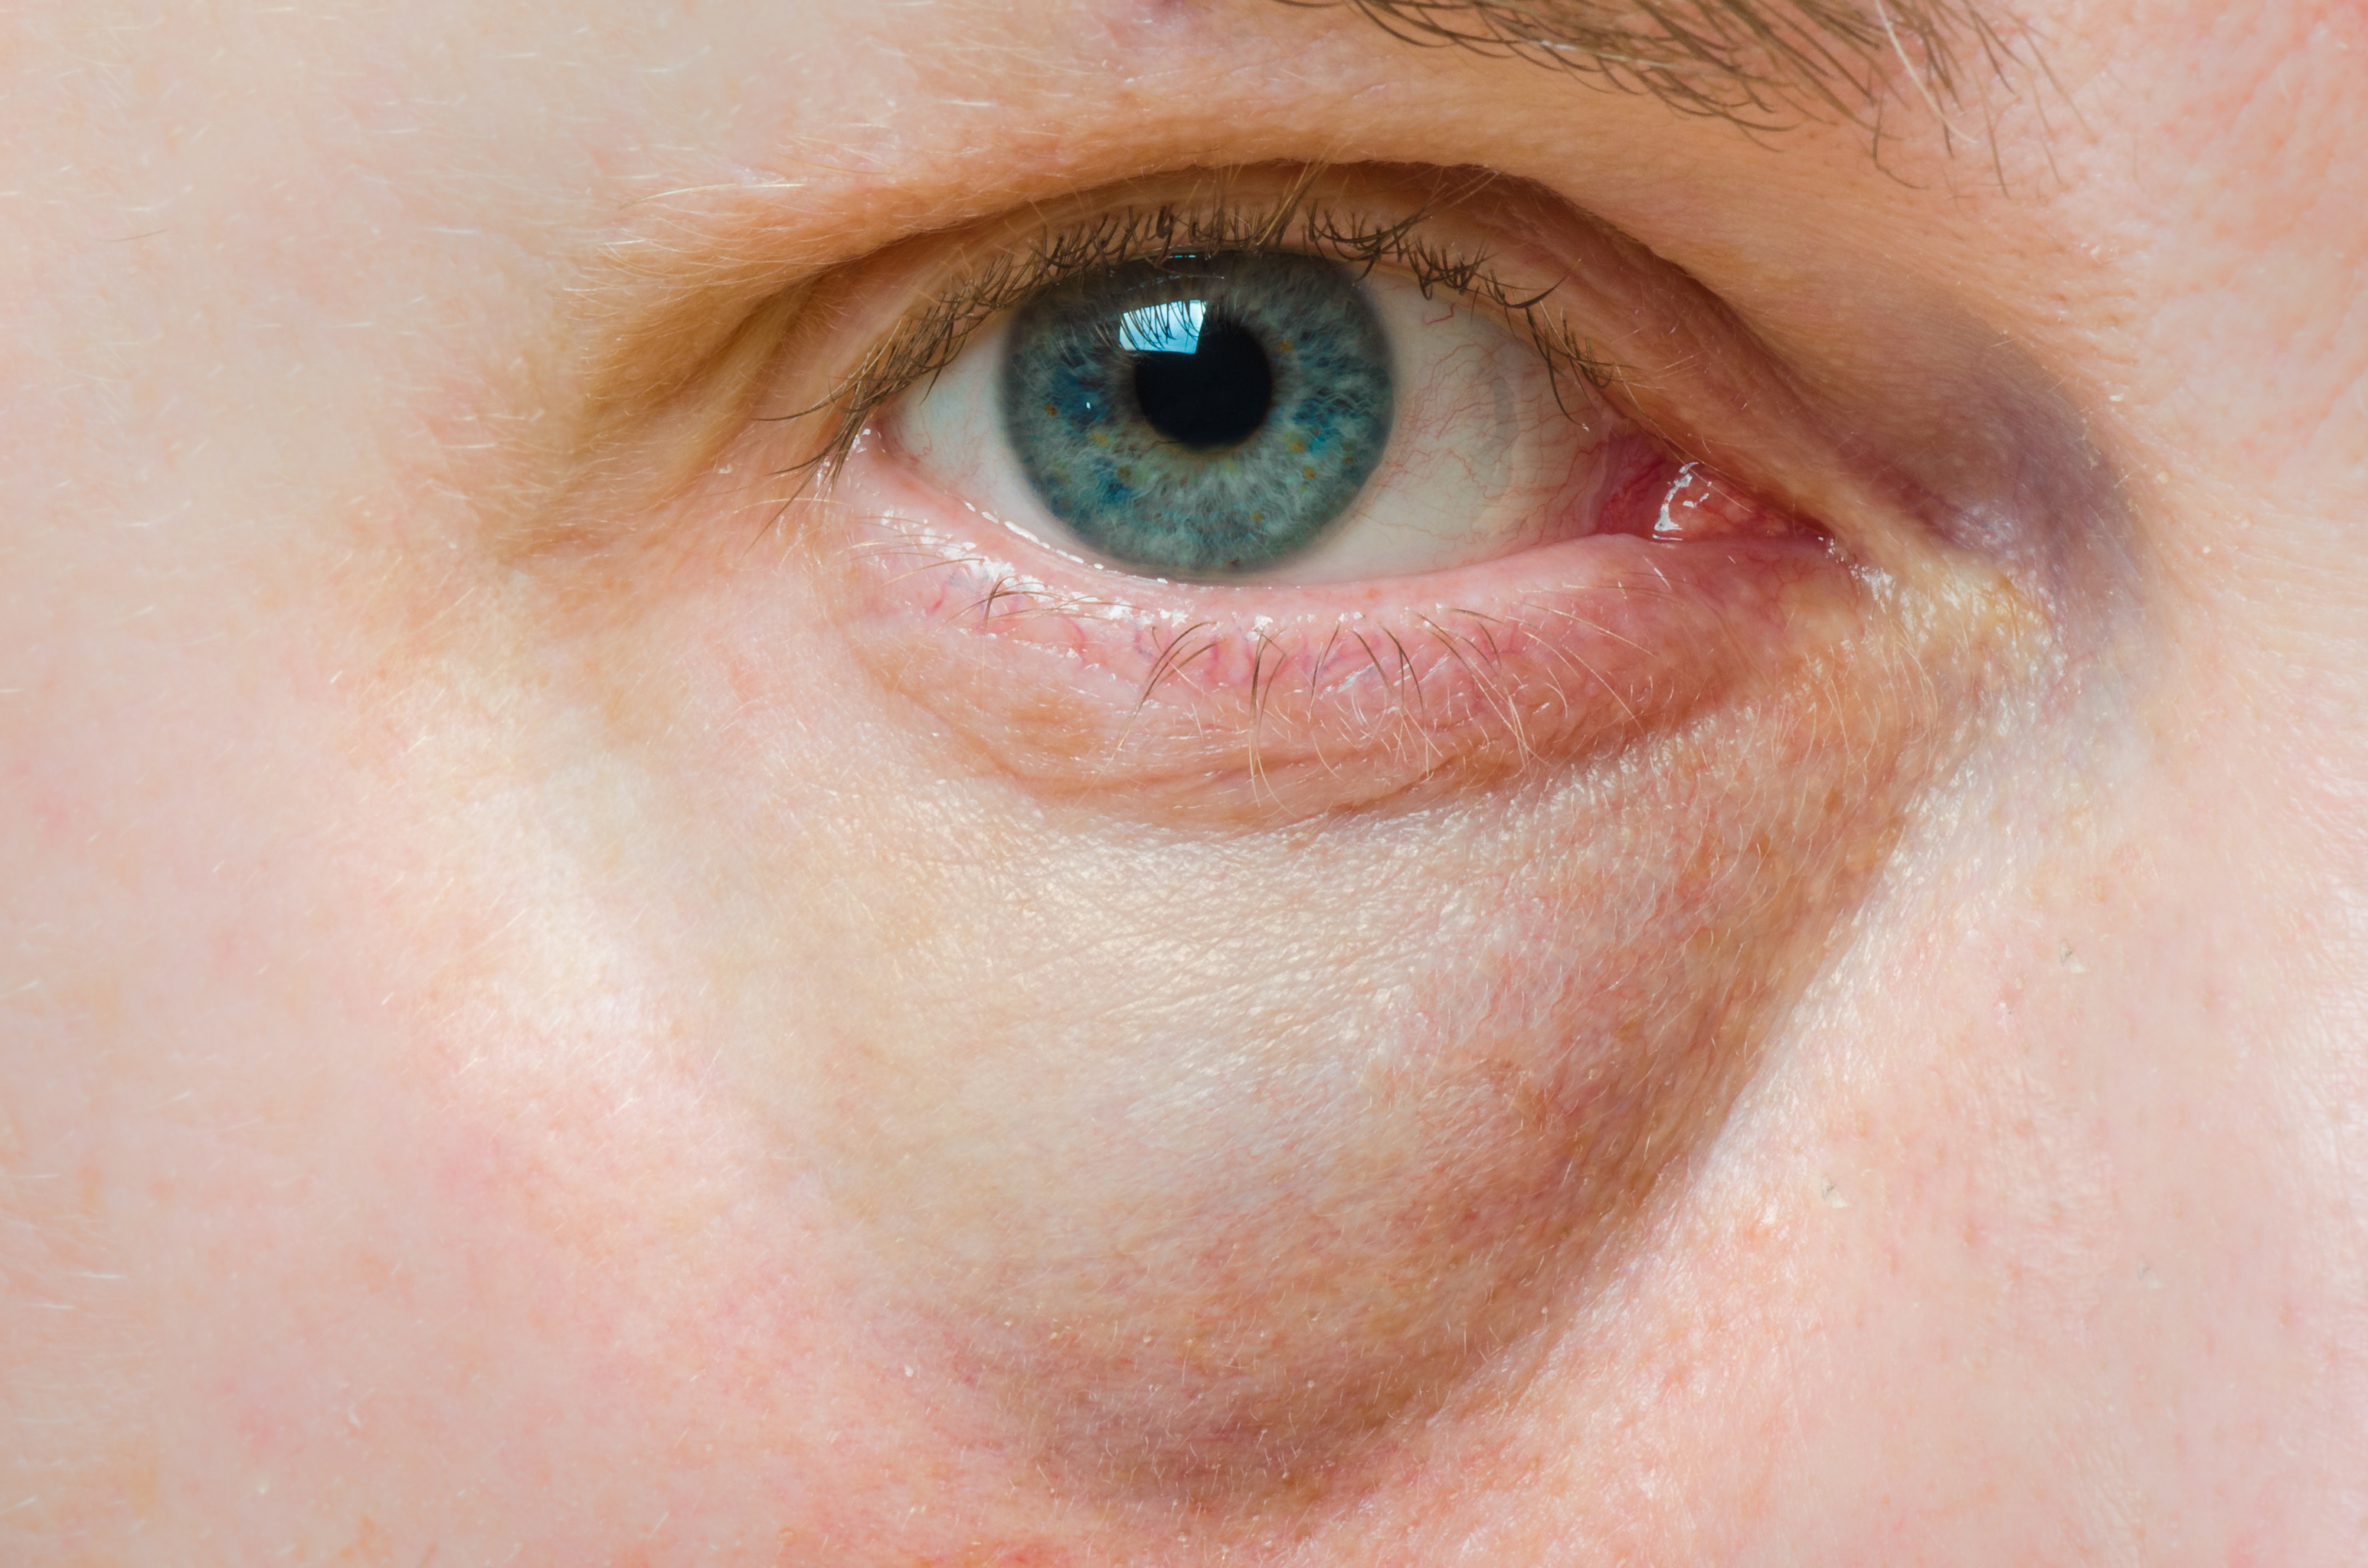 vörös foltok viszketnek a szem alatt)